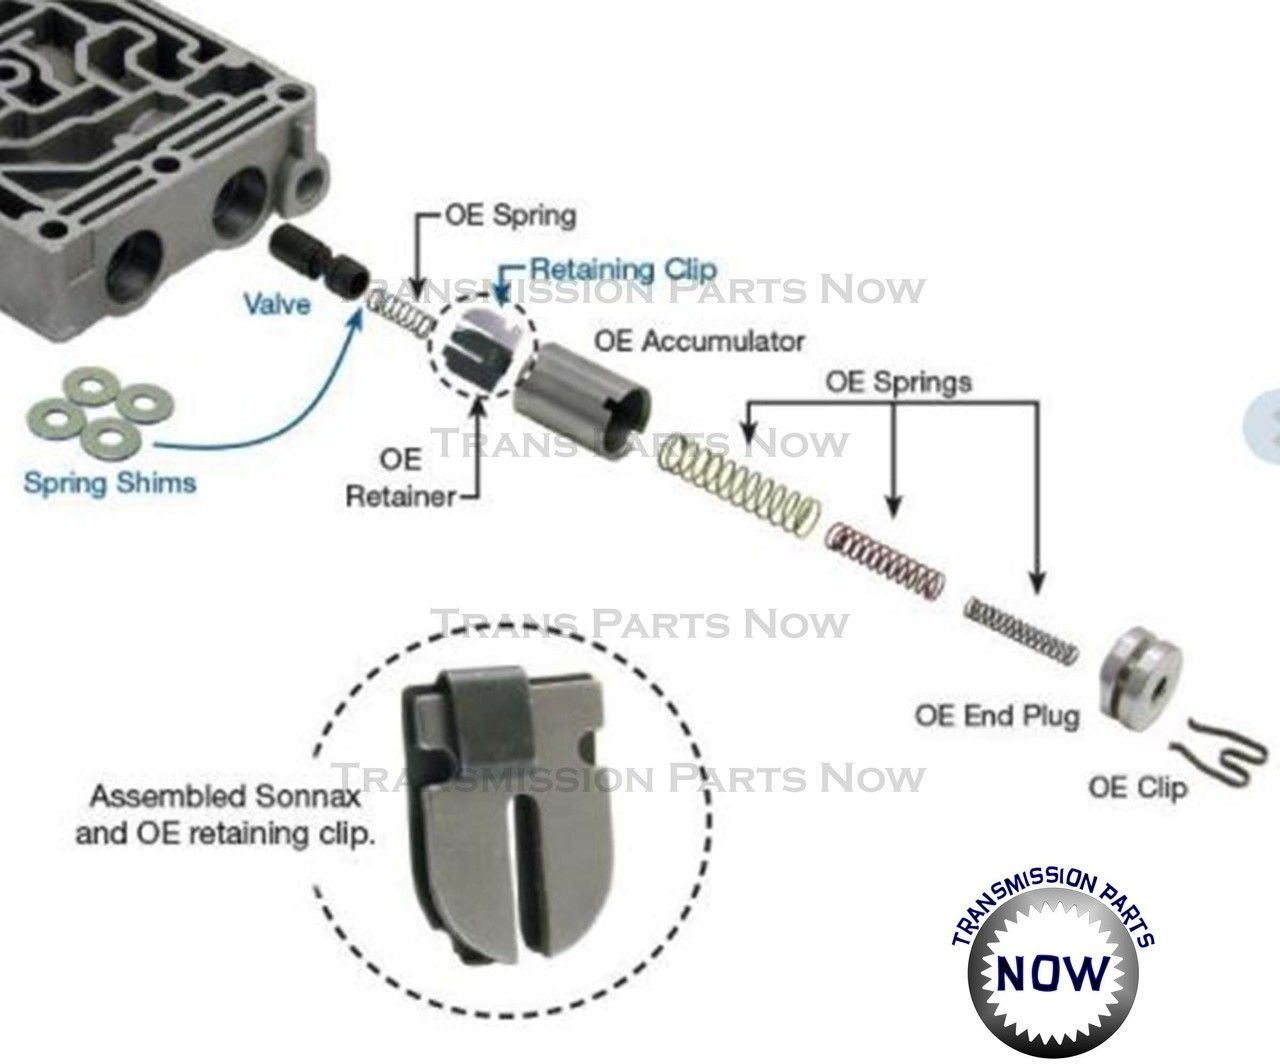 1 2 2 3 Acc Control Valve Sonnax E4od 4r100 1 Valve 36948 13k Transmission Parts Now 47reclutches Control Valves Valve Control